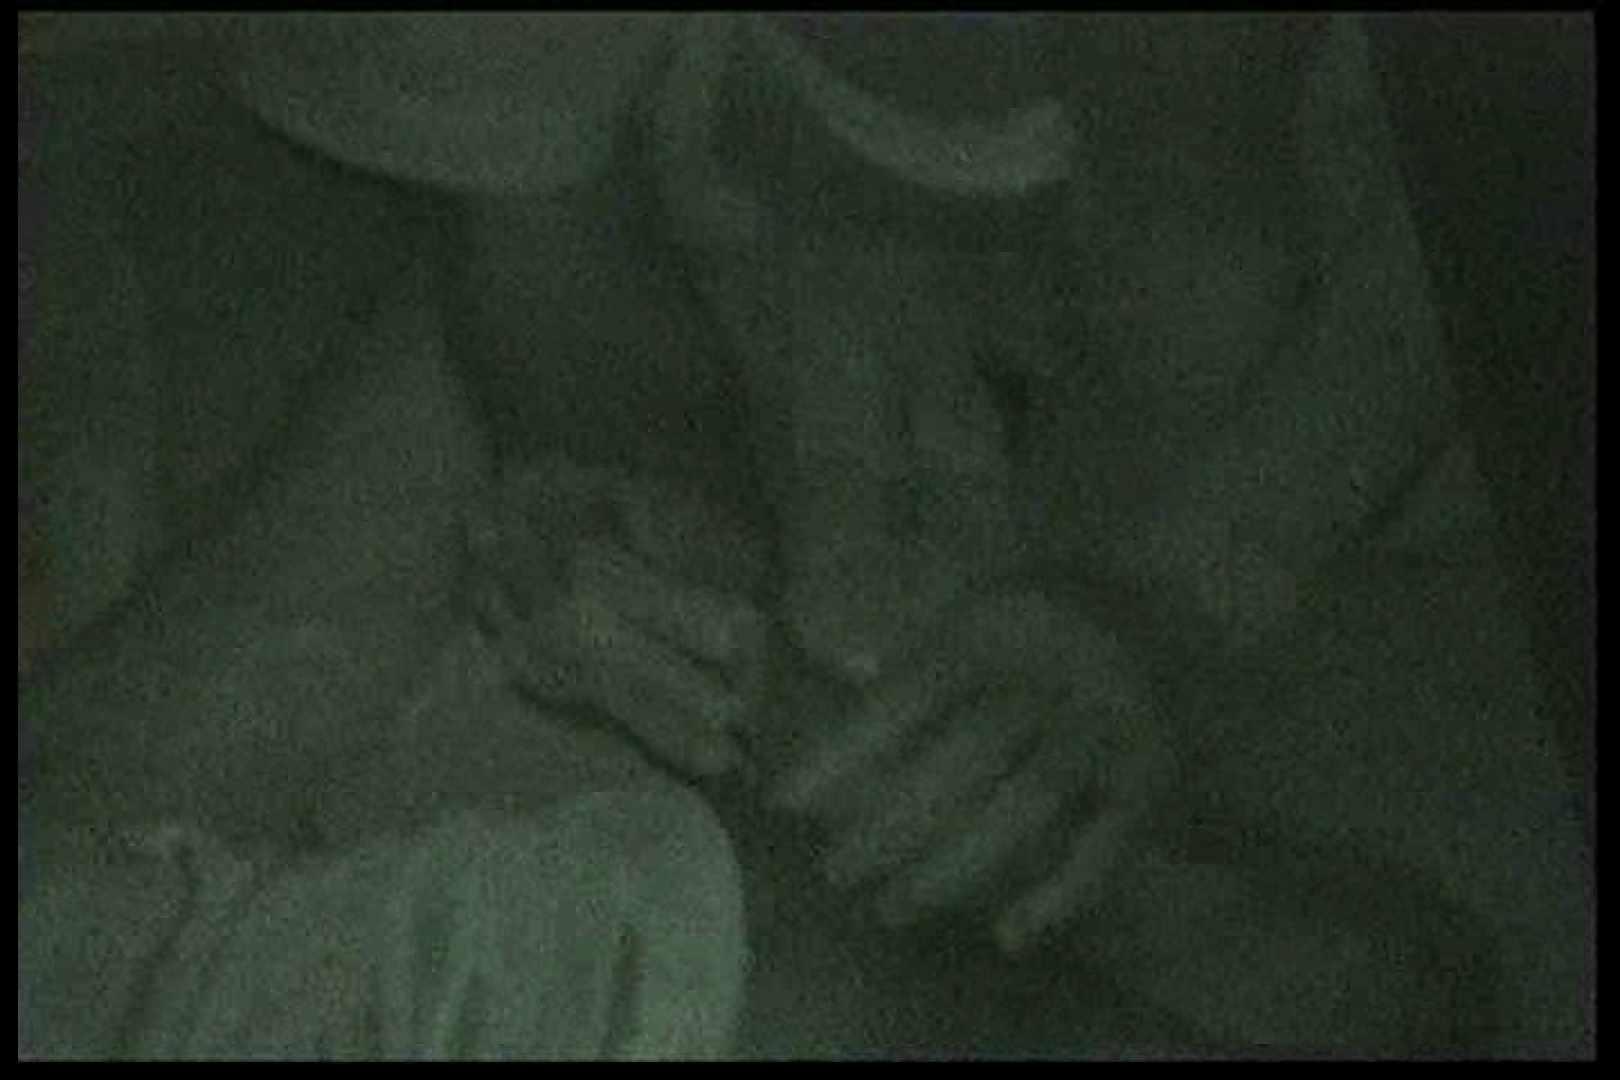 車の中はラブホテル 無修正版  Vol.13 ラブホテル 盗み撮り動画キャプチャ 65PIX 17